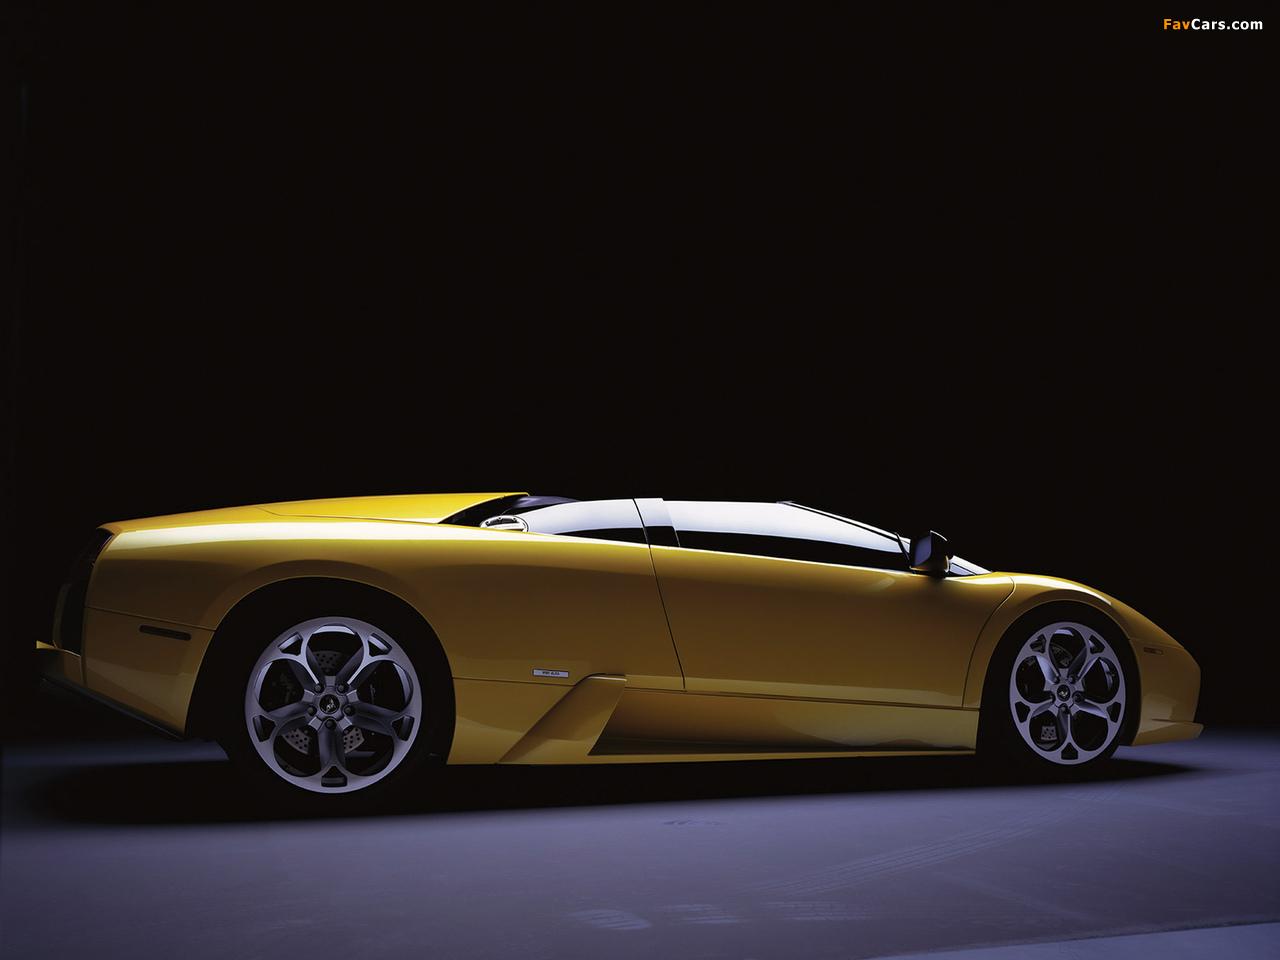 Lamborghini Murcielago Barchetta Concept 2002 pictures (1280 x 960)